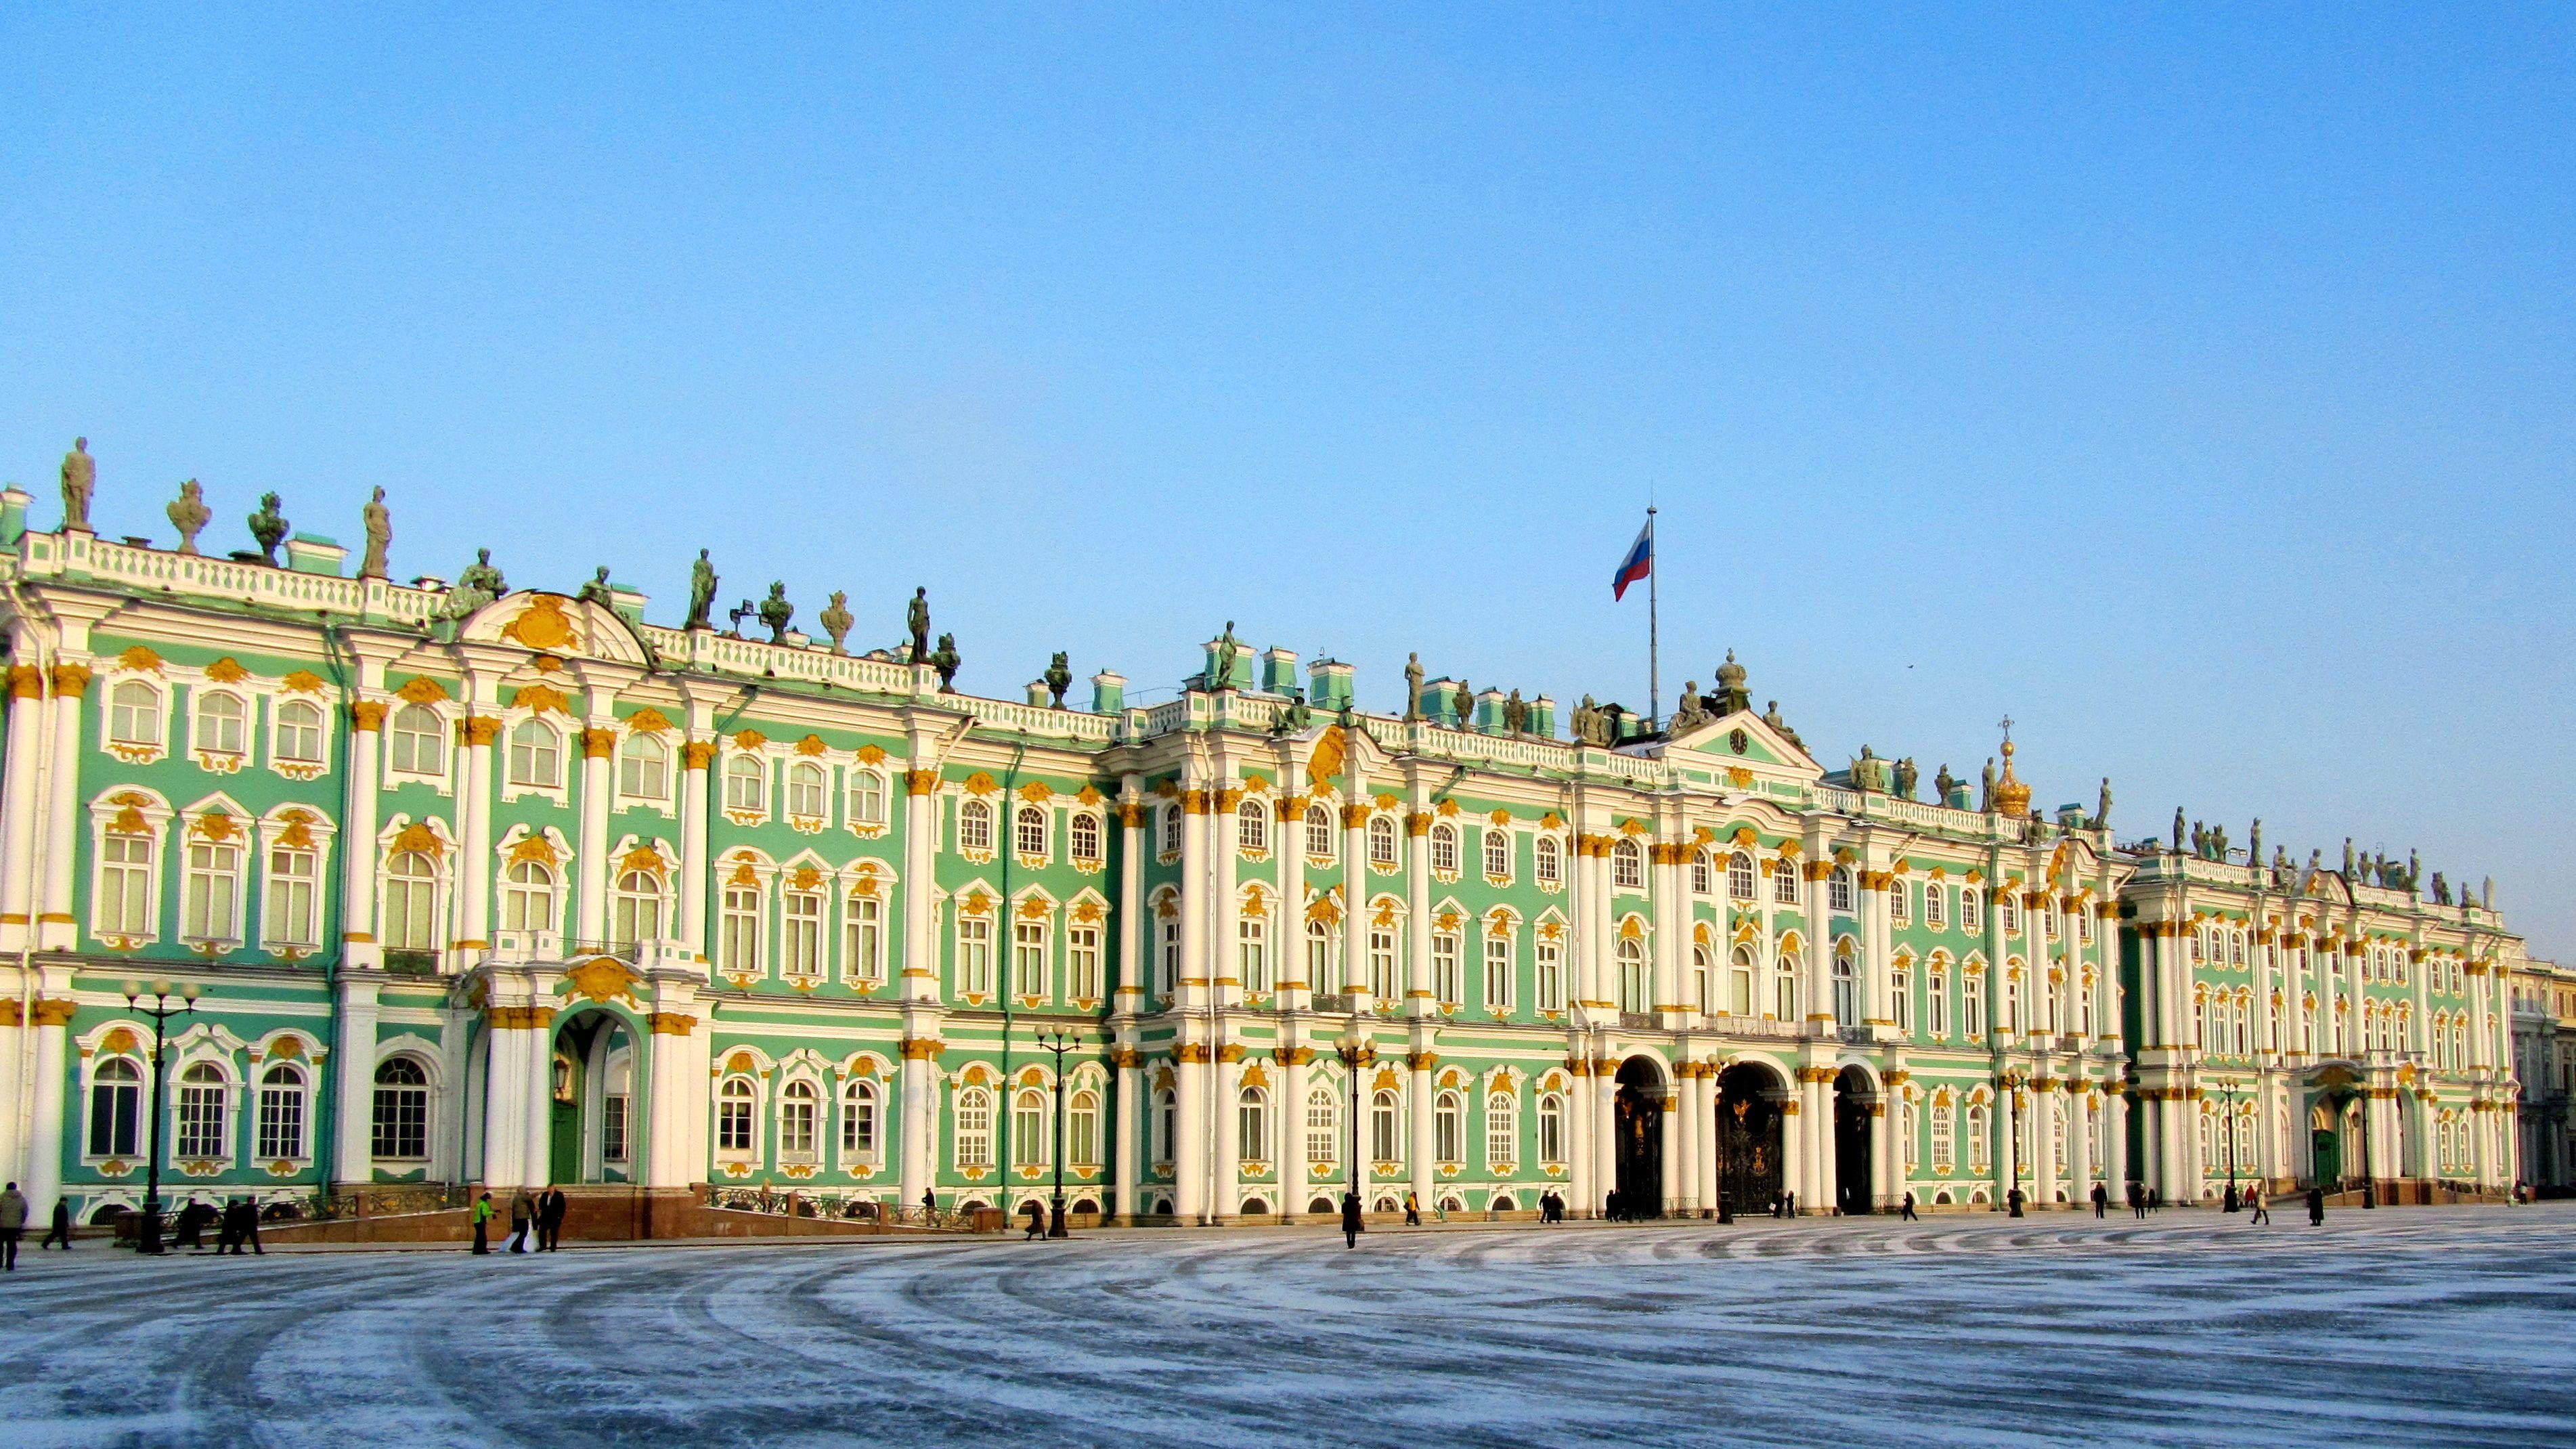 Visite de la ville et musée de l'Ermitage